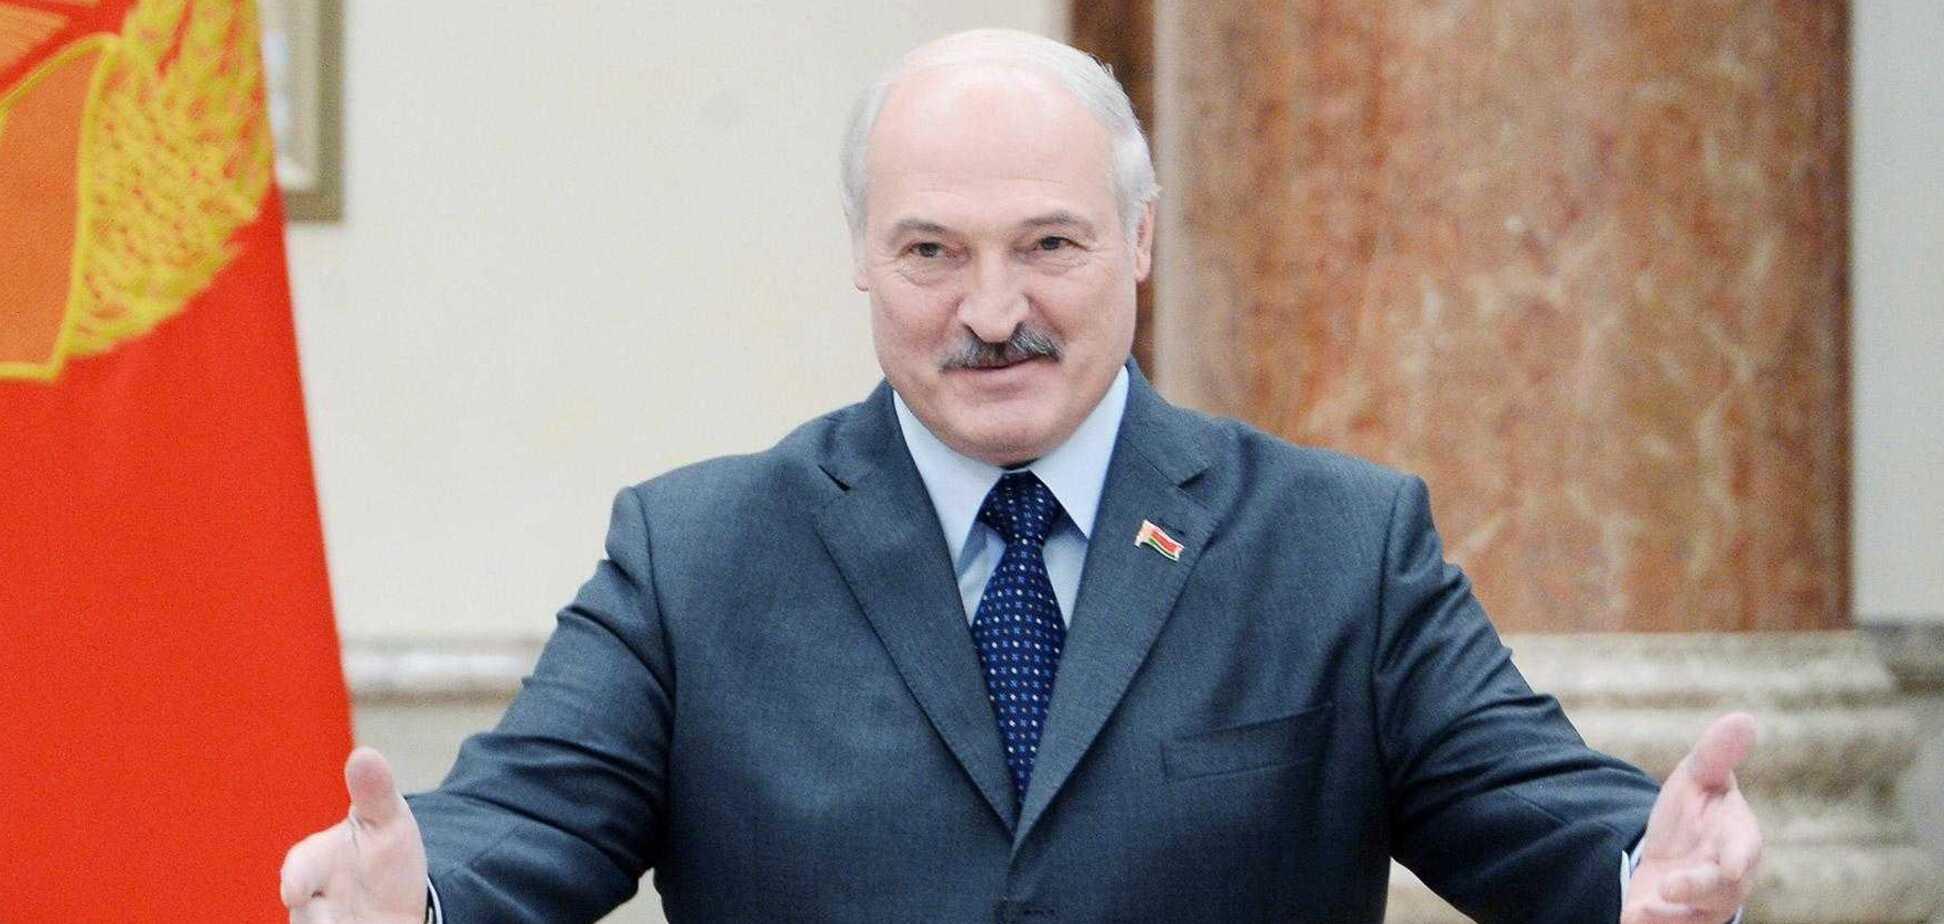 Лукашенко назвав себе українцем і зізнався в любові до України